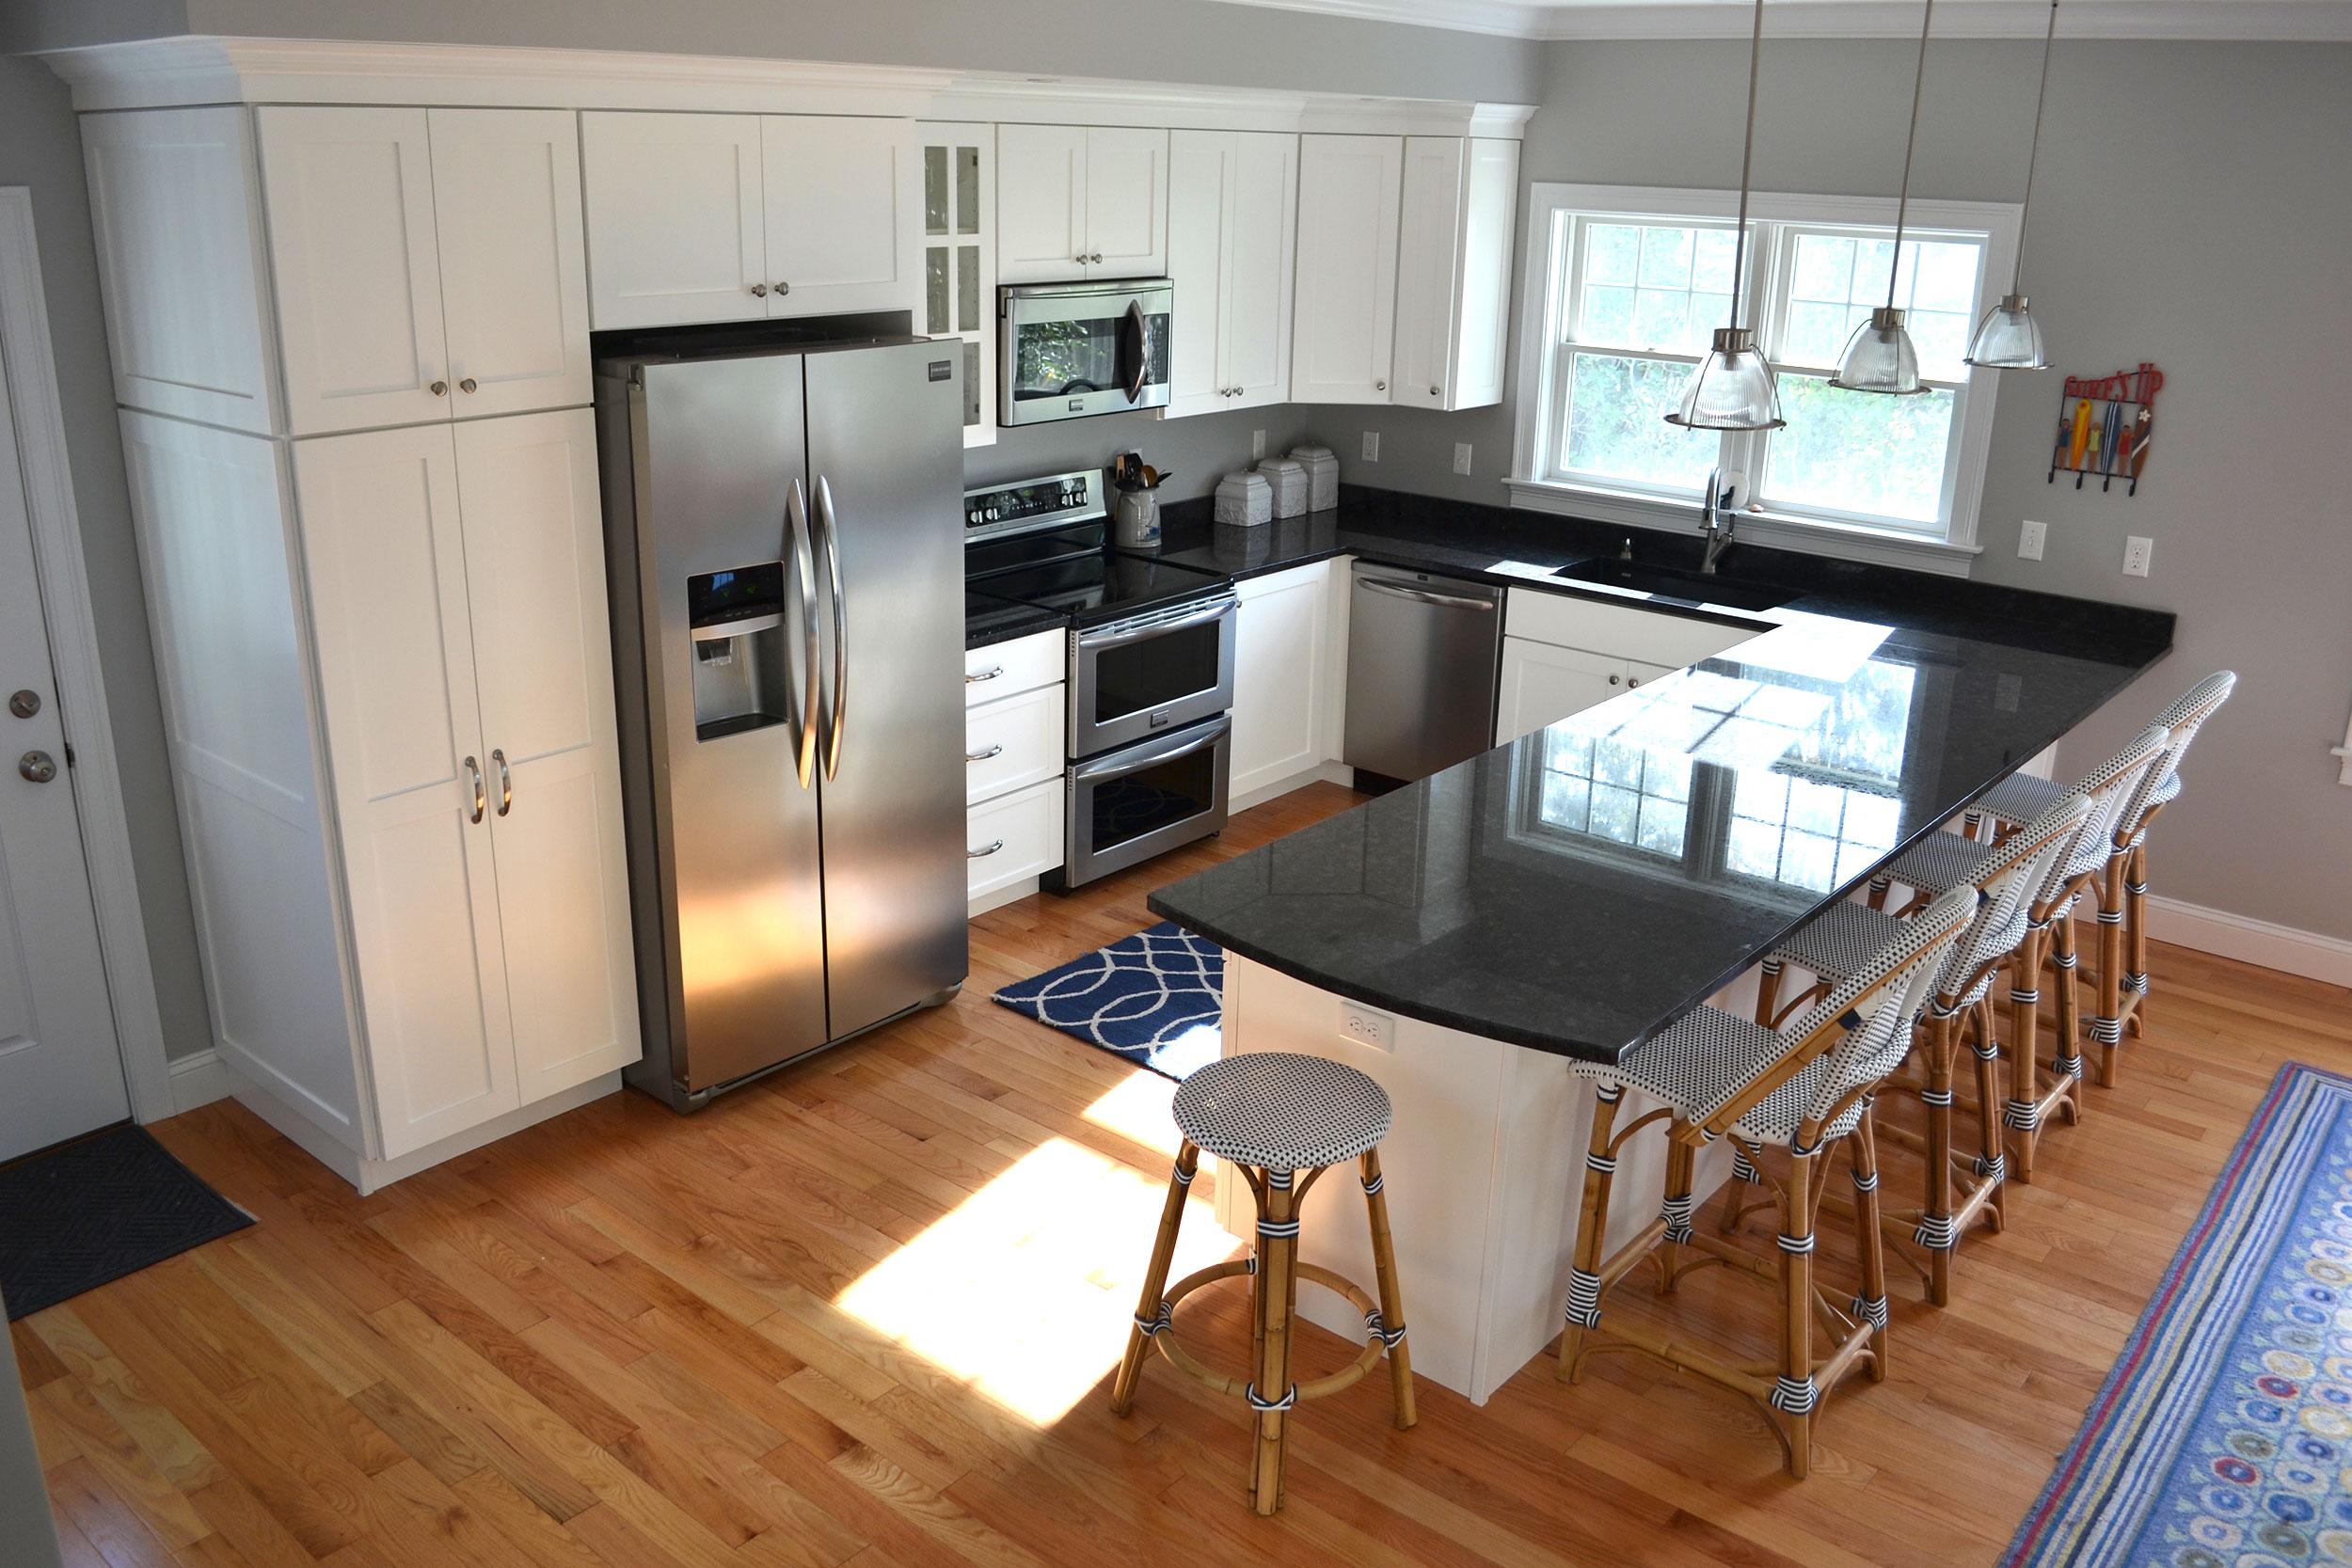 17-wells-kitchen.jpg